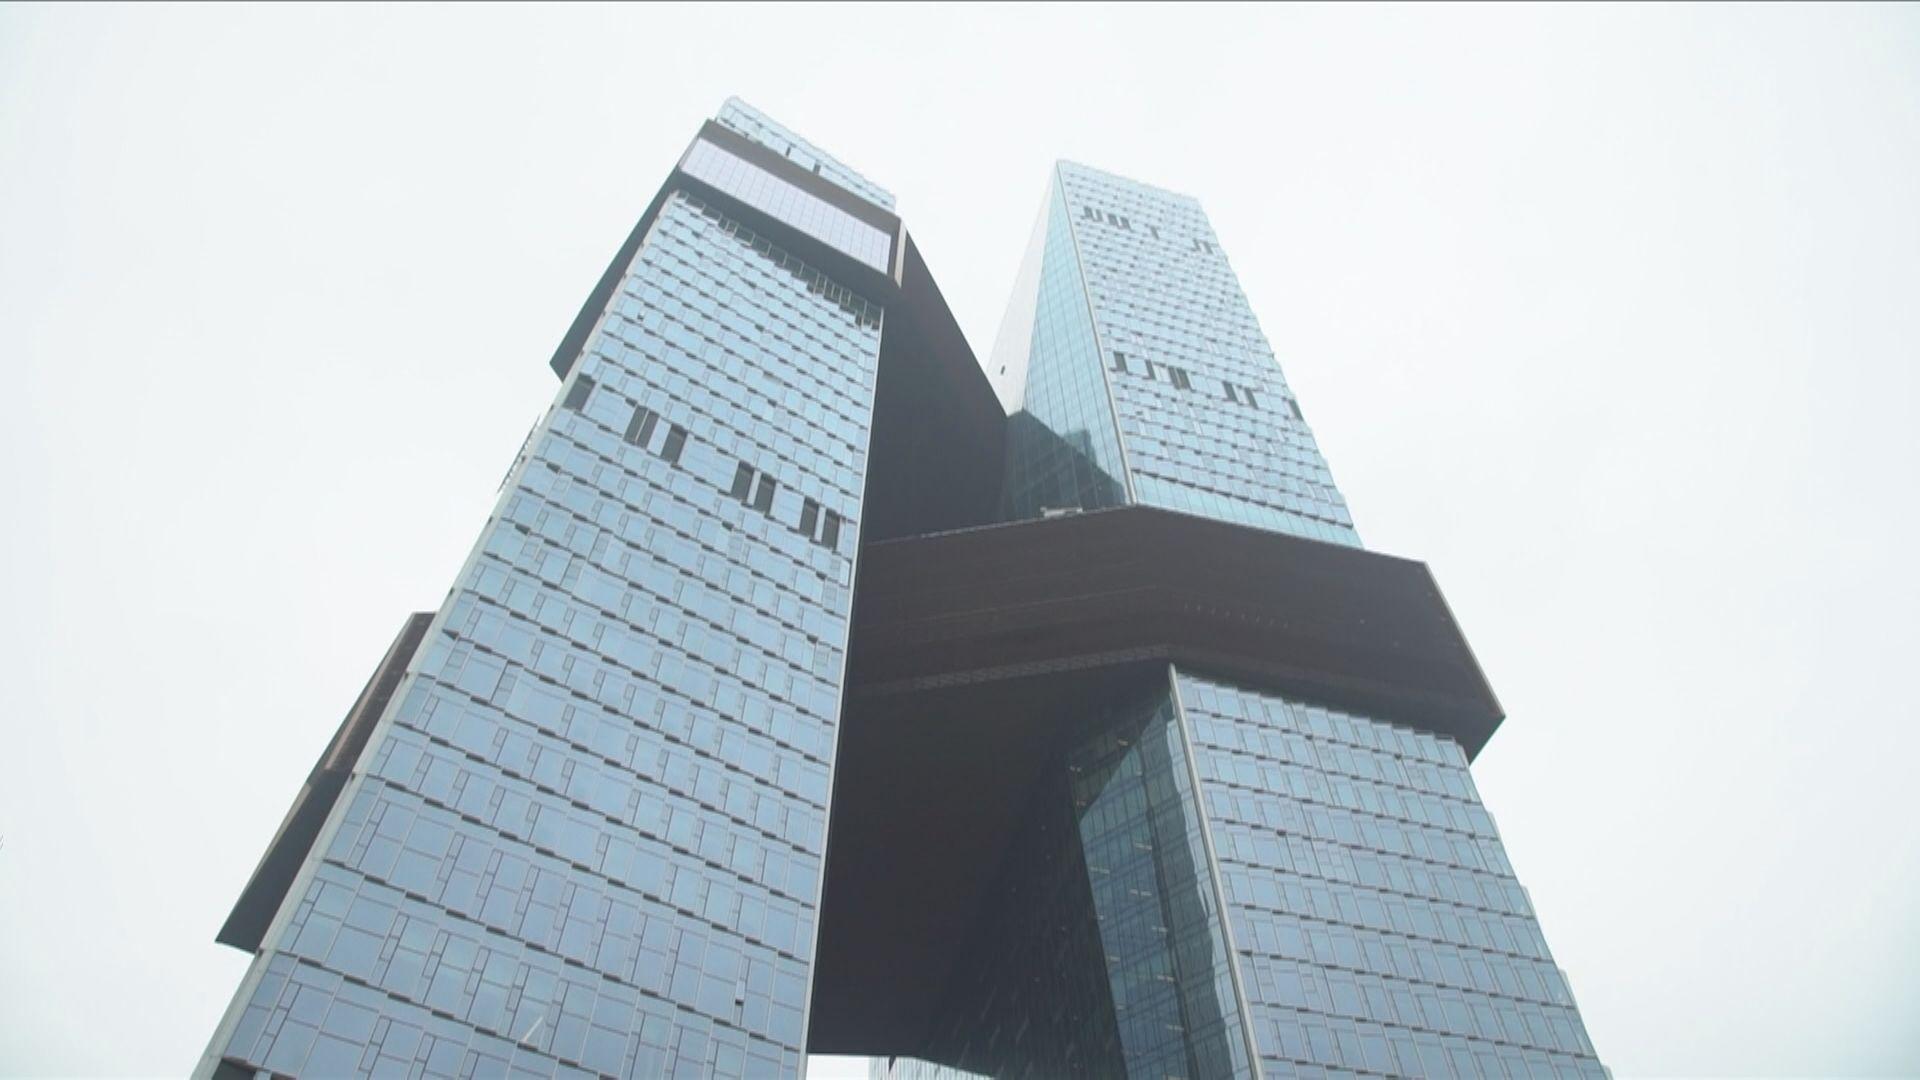 騰訊發41.5億美元債券  超購逾4倍